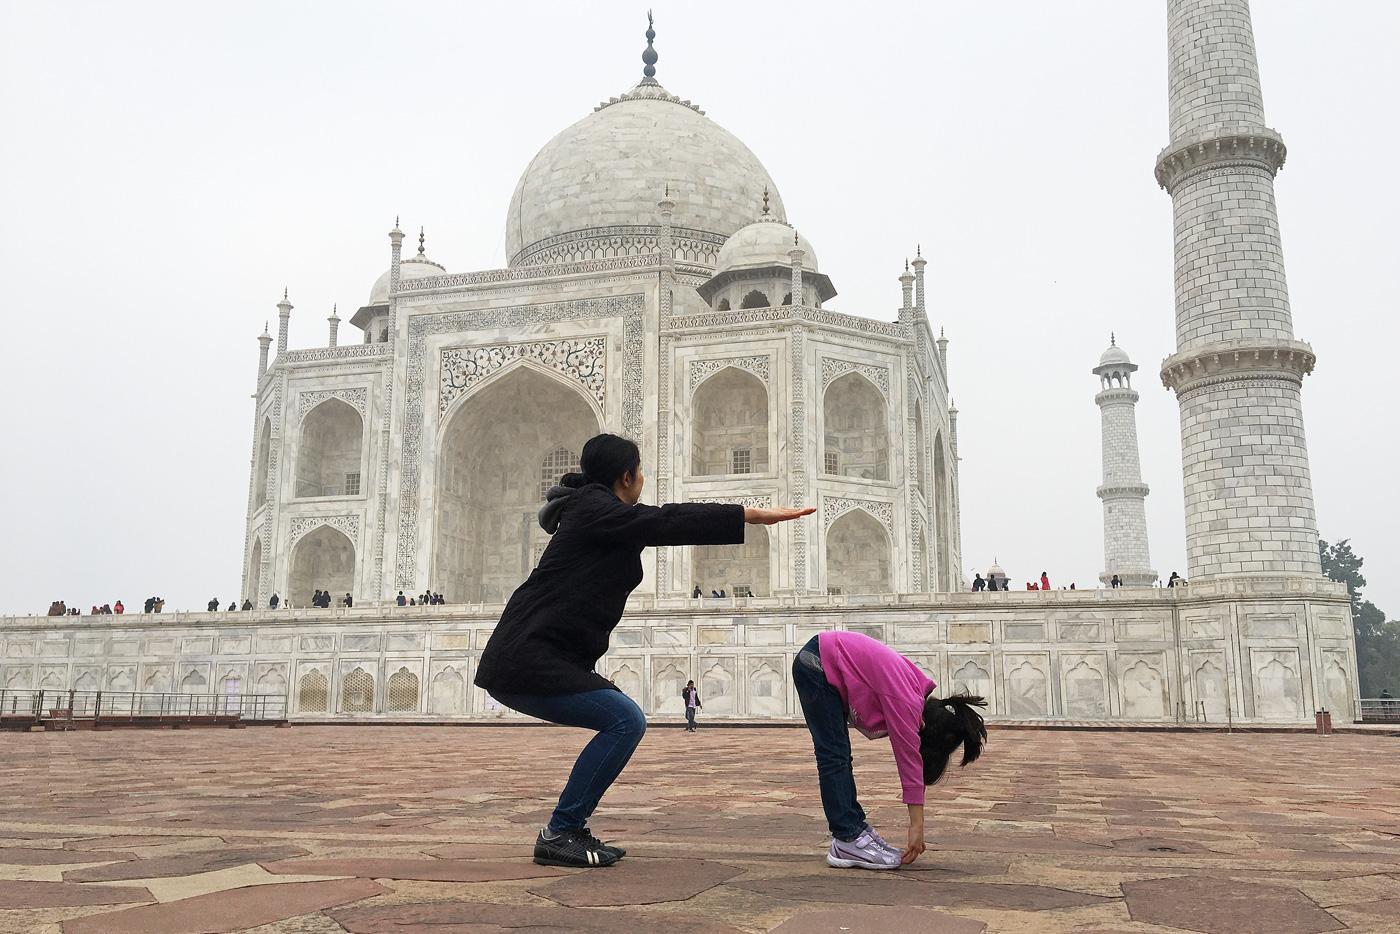 インド世界遺産「タージ・マハル」